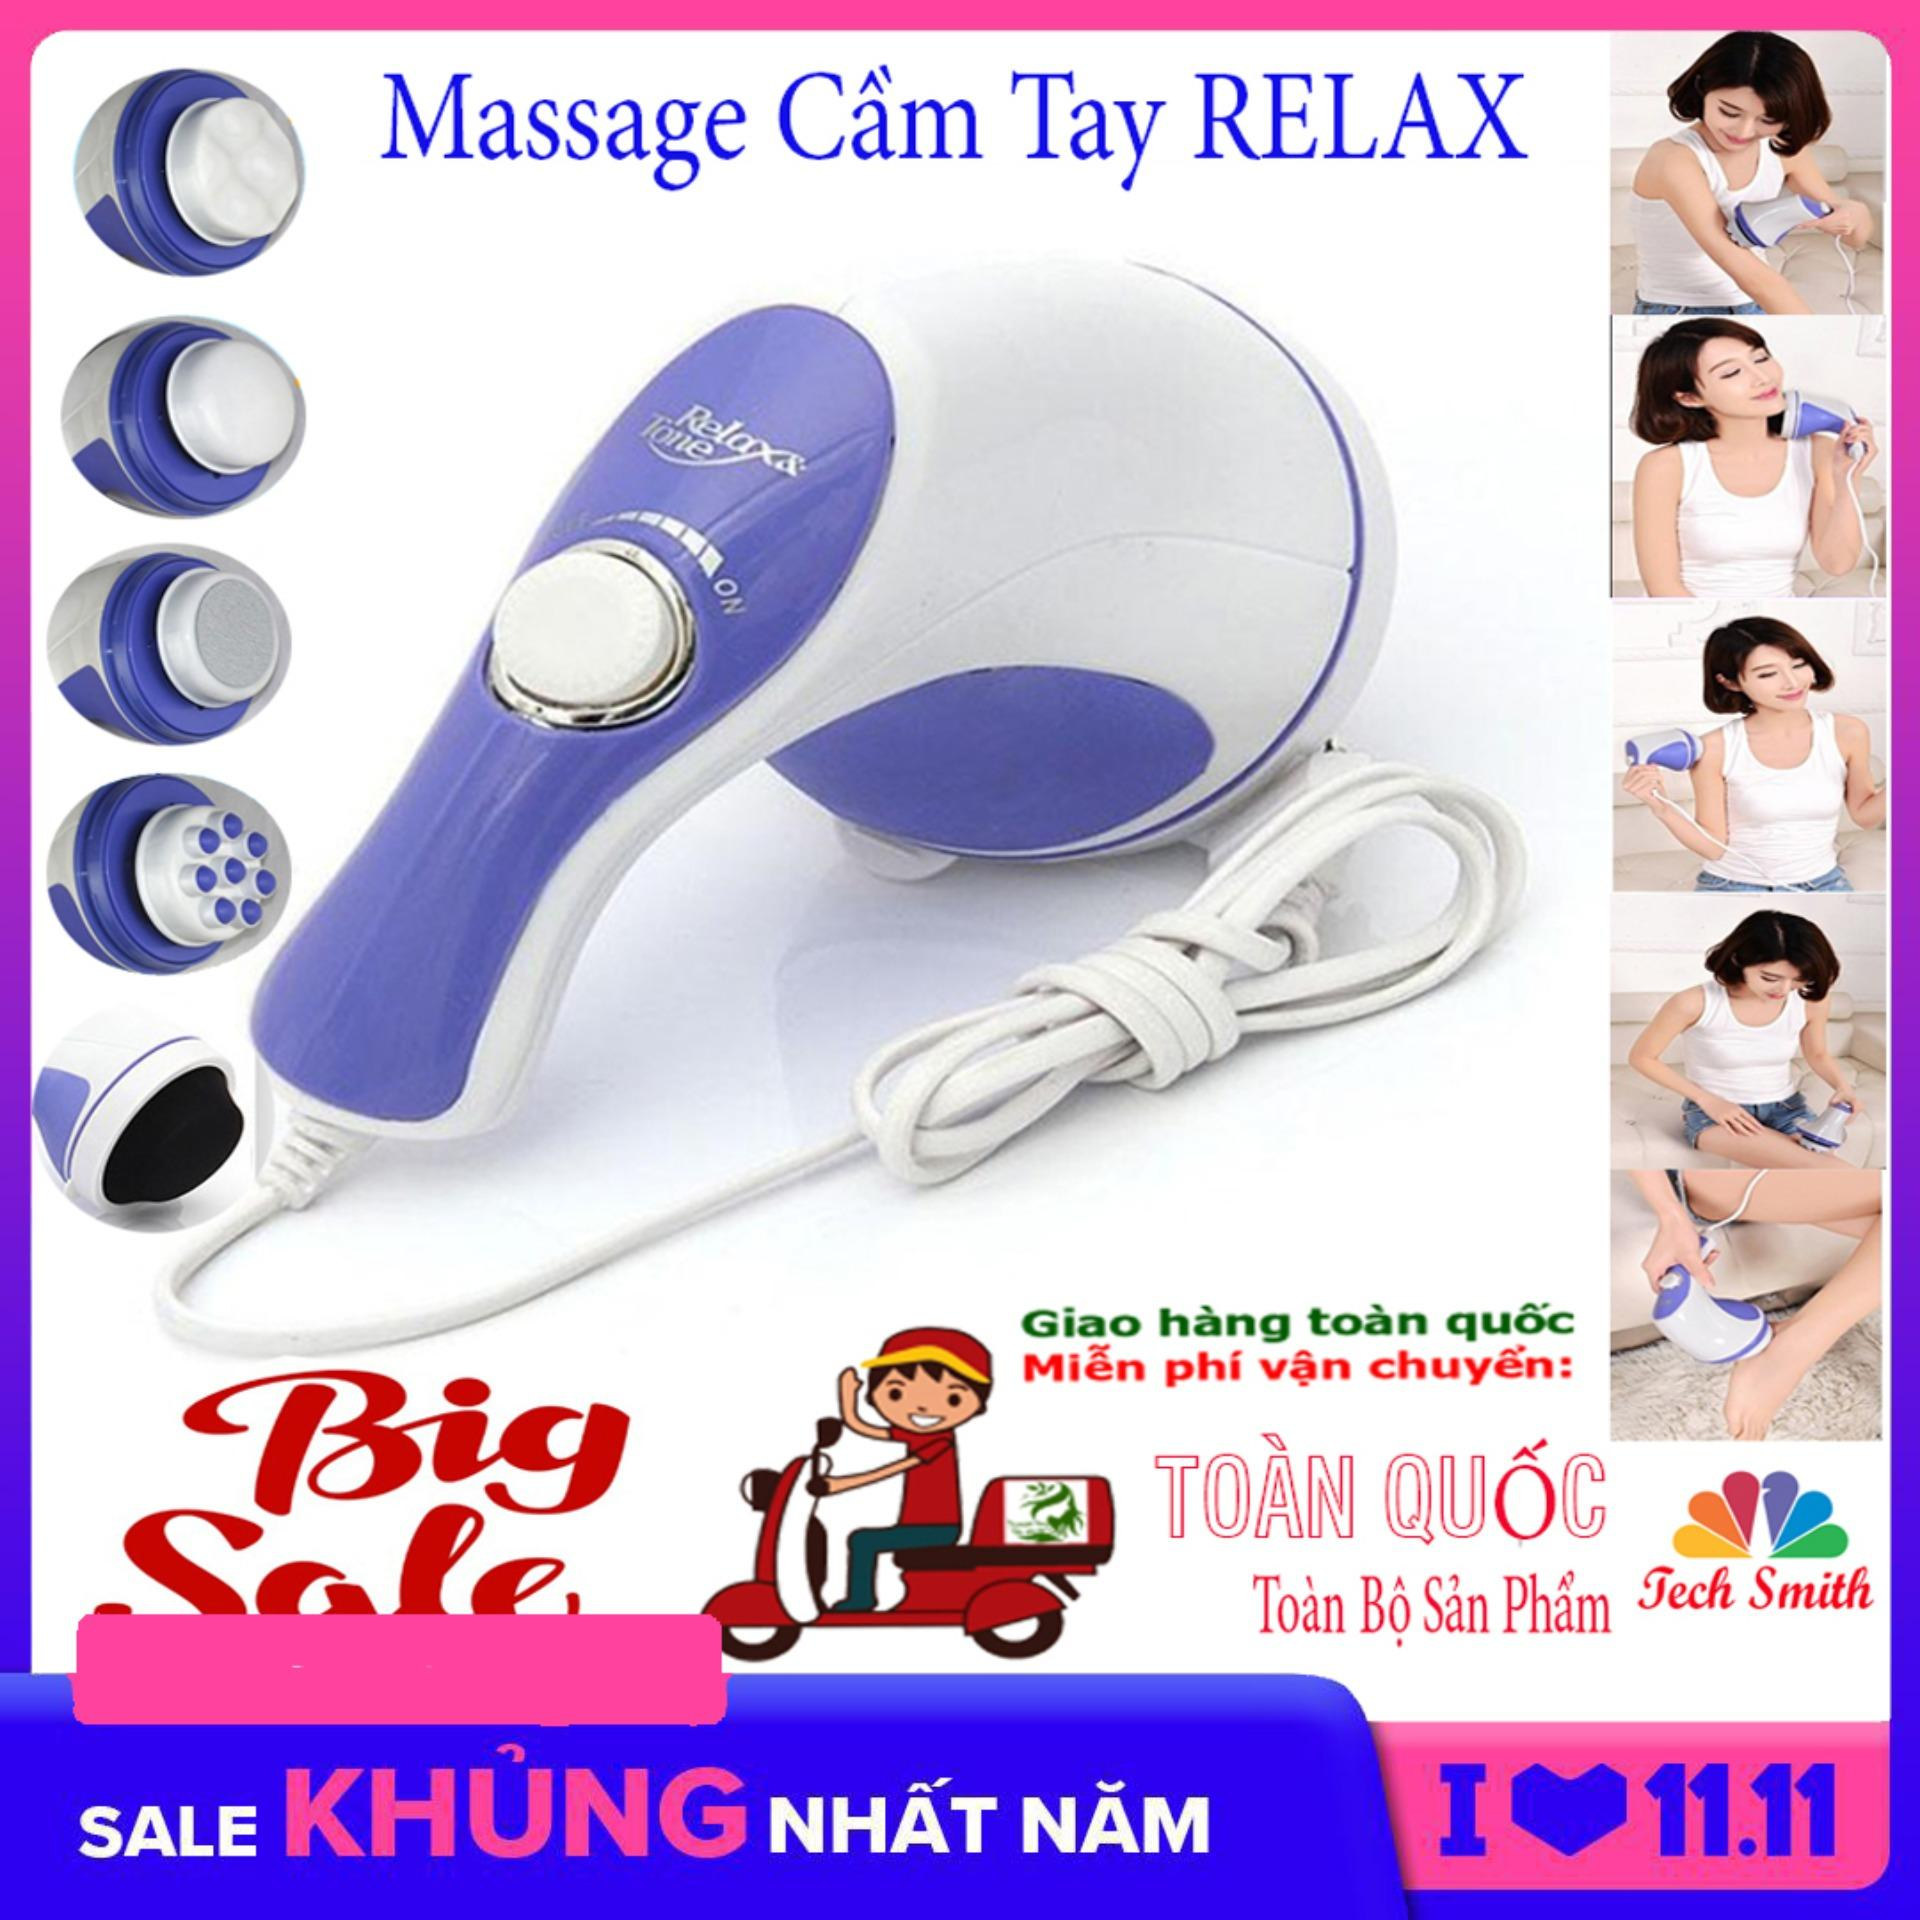 Máy Đấm Lưng Hàn Quốc_Massage Cầm Tay 5 Đầu Đánh (Relax)Cao Cấp Giá Rẻ  Chất Lượng Vượt Trội Giảm Nhức Mỏi,Xả Trest Hiệu Quả.Giá Hấp Dẫn(-50%) Bh 1 Đổi 32 Mã 049TSM3958 Có Giá Tốt